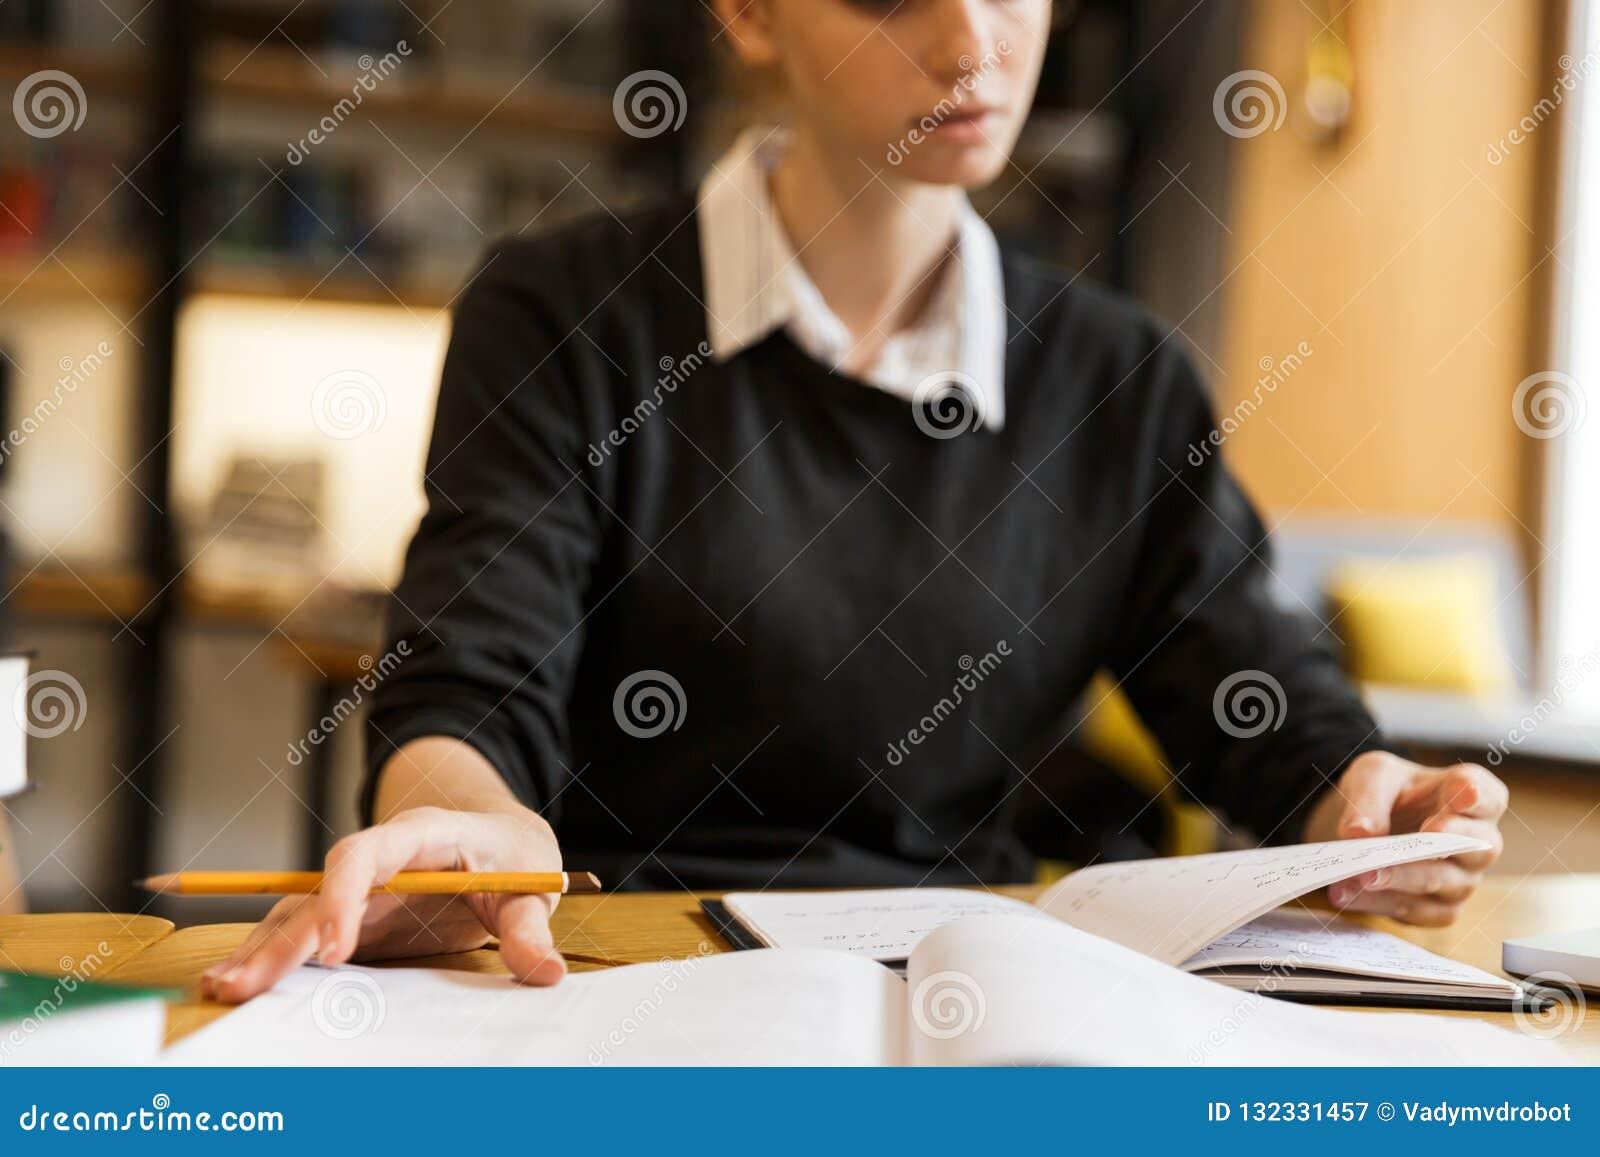 Закройте вверх сконцентрированный изучать девочка-подростка